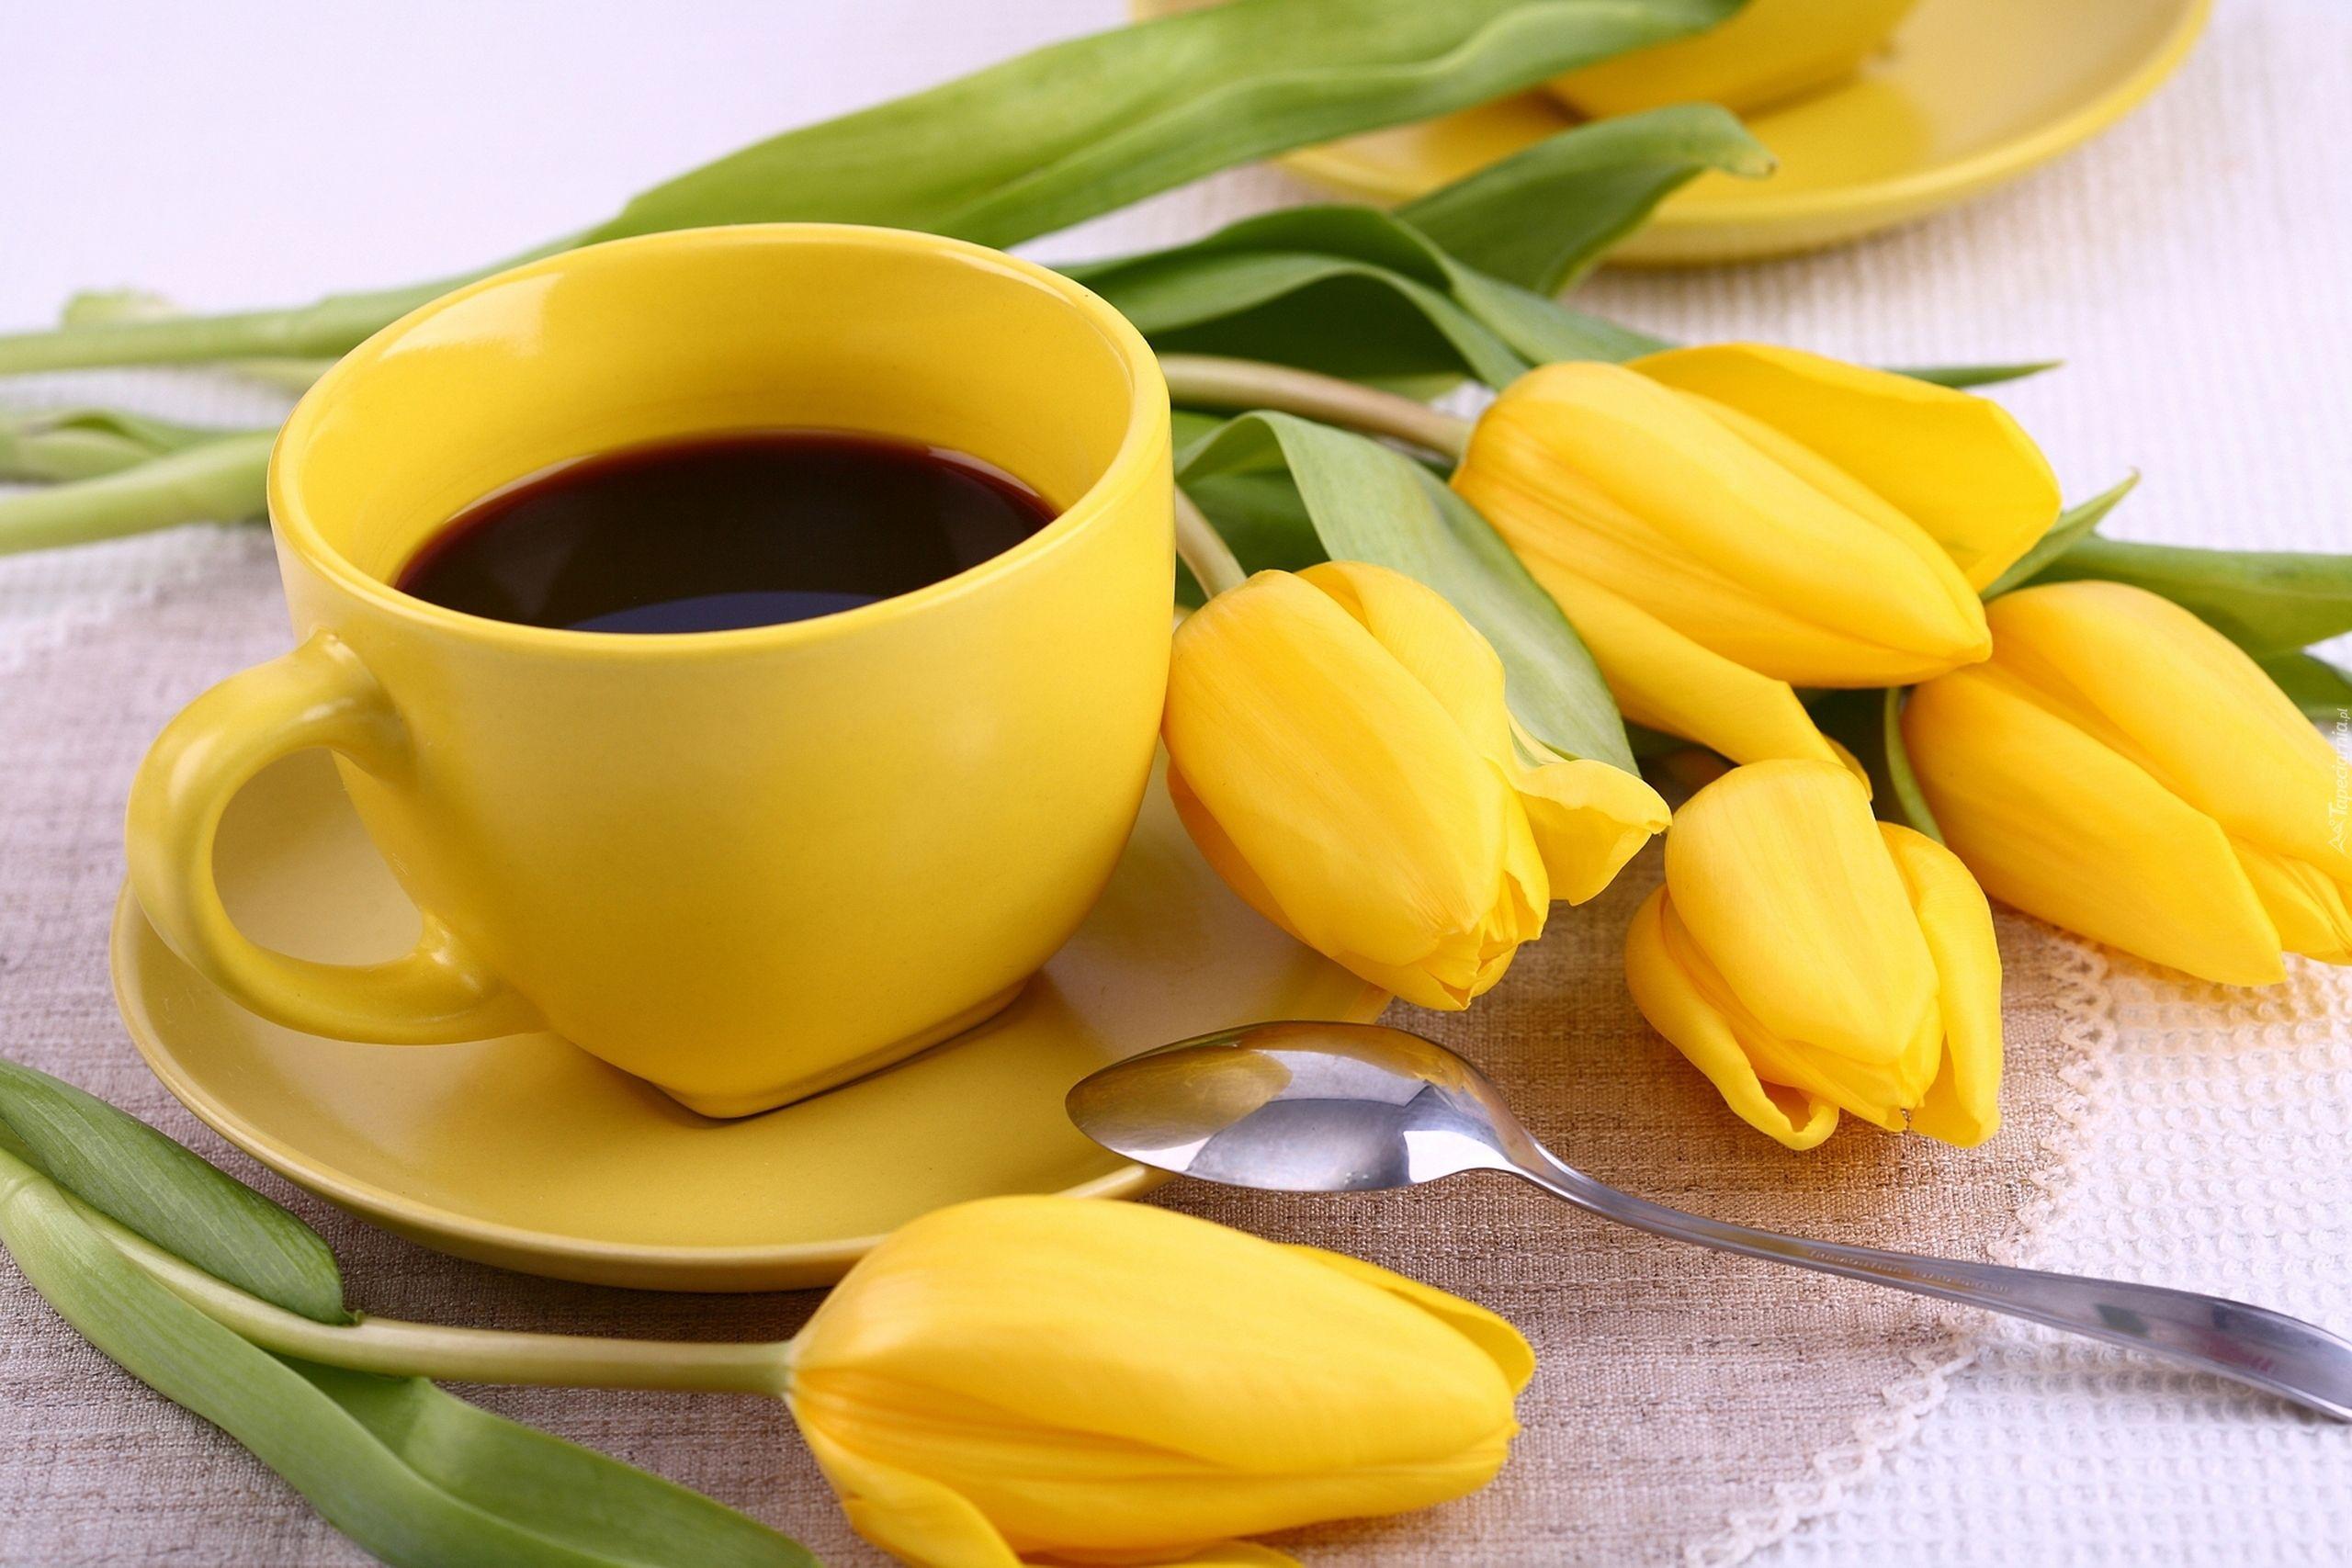 Kwiaty Zolte Tulipany Kawa Filizanka Good Morning Coffee Yellow Coffee Yellow Cups